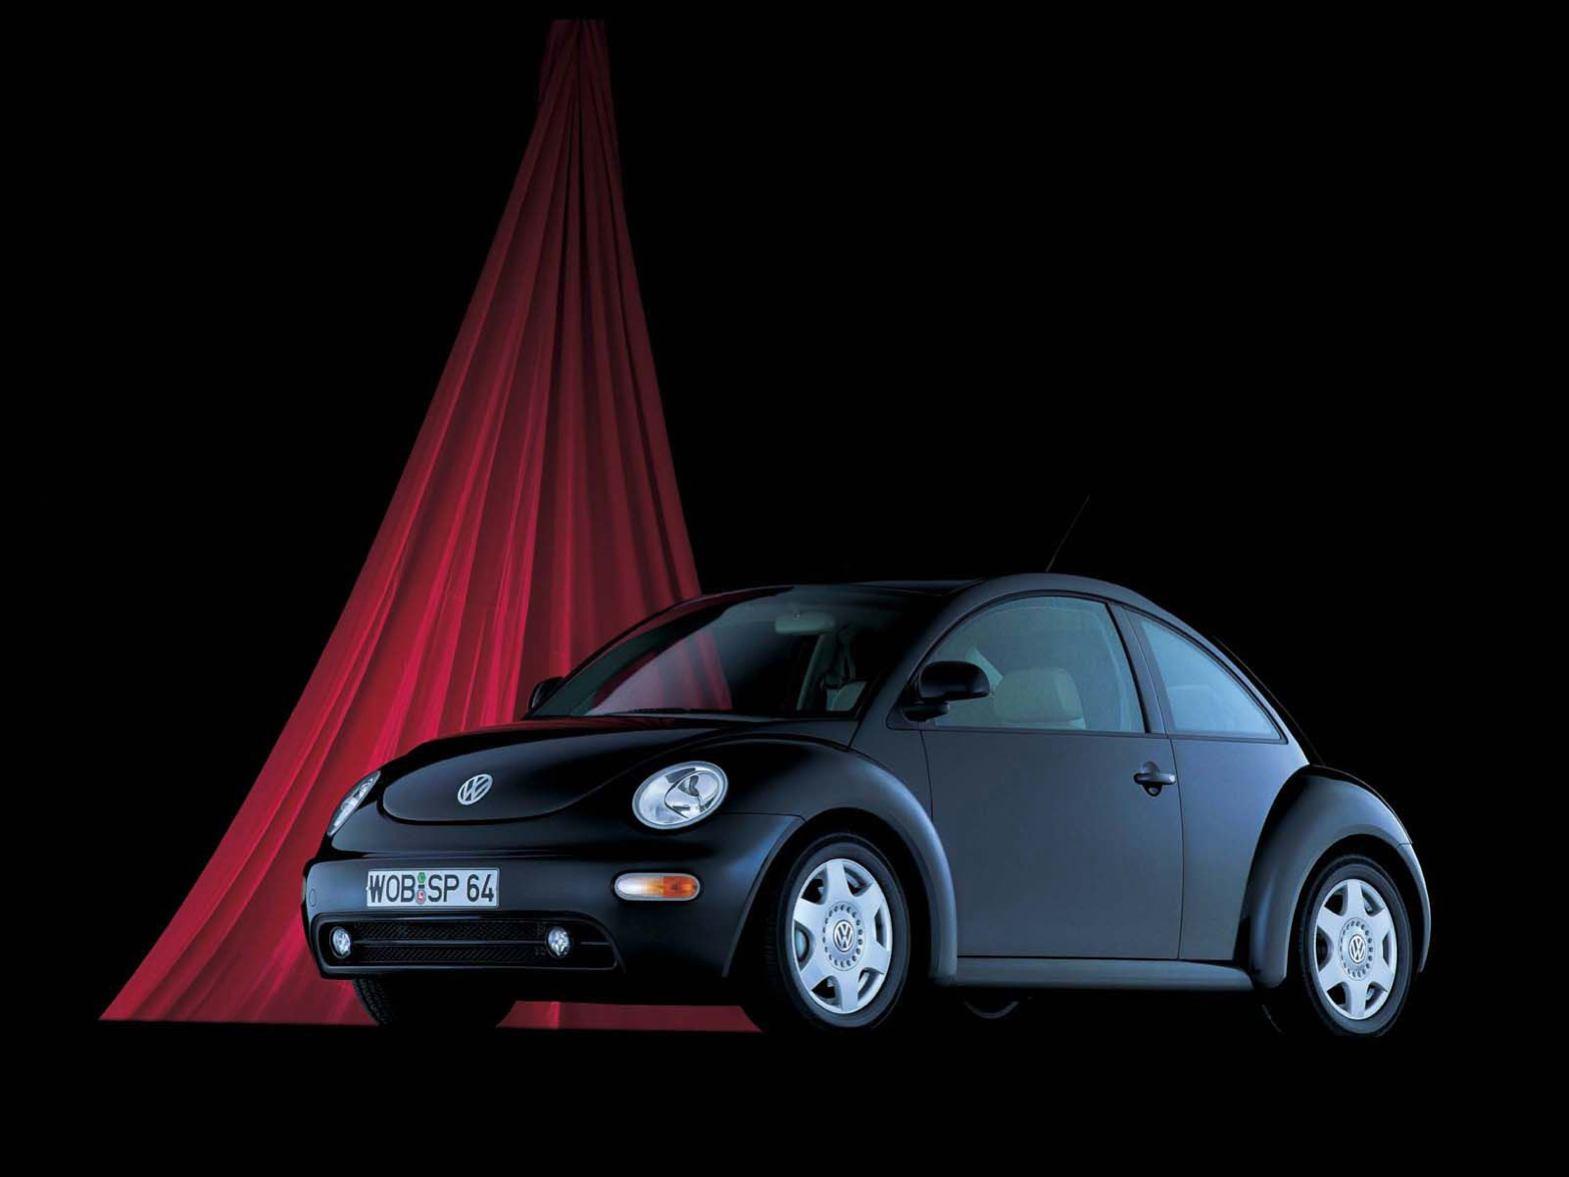 Les nouvelles photos de : New-Beetle